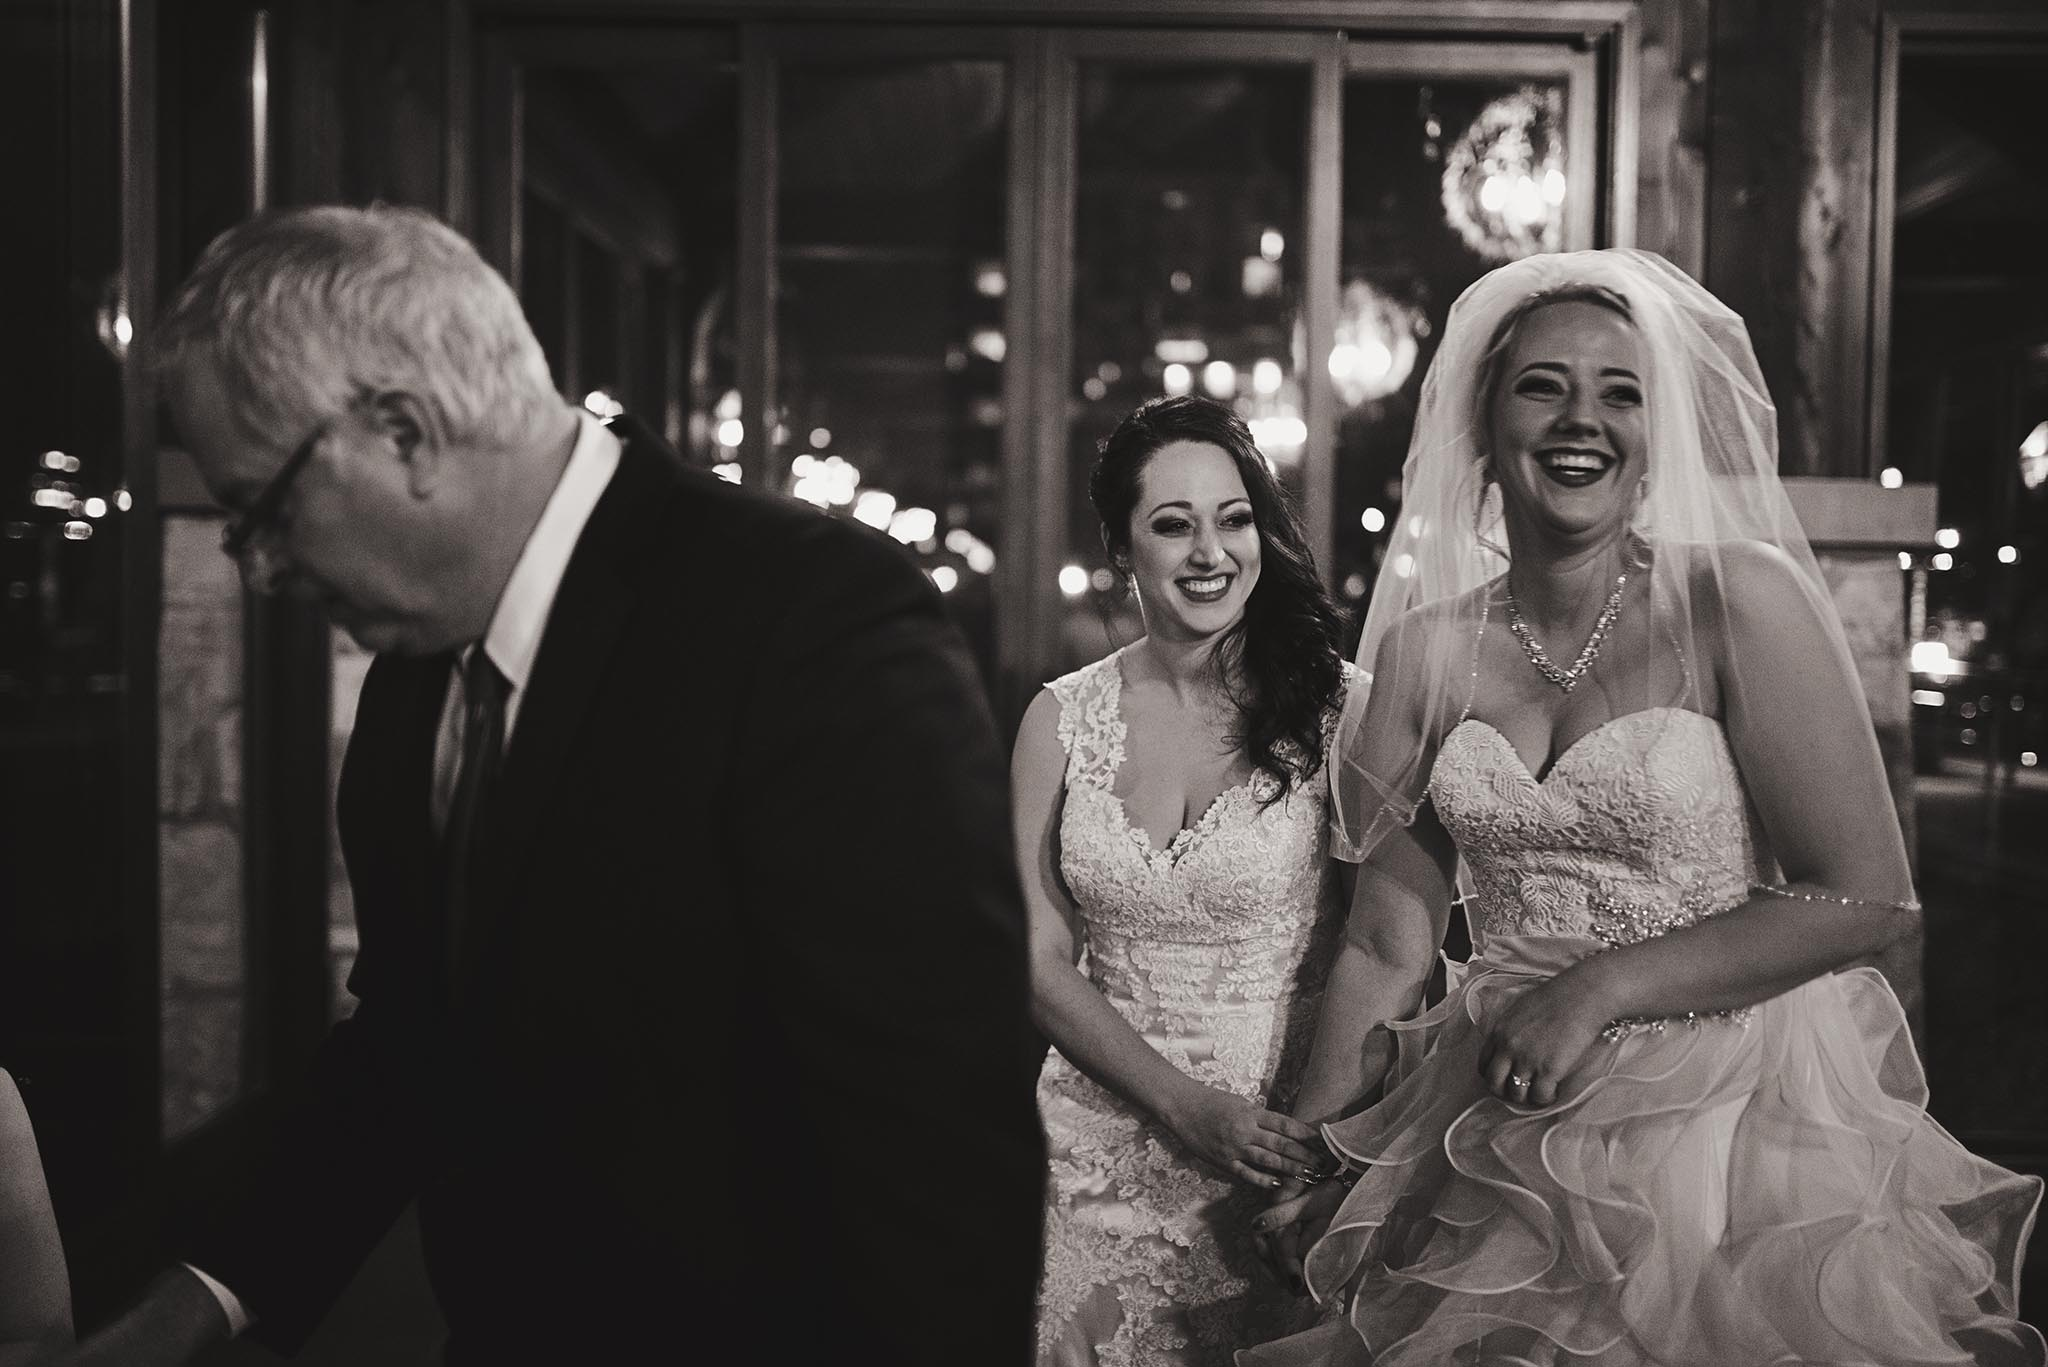 Peter-Bendevis-Photography-Kris-Laura-Cambridge-Mill-Winter-Wedding20